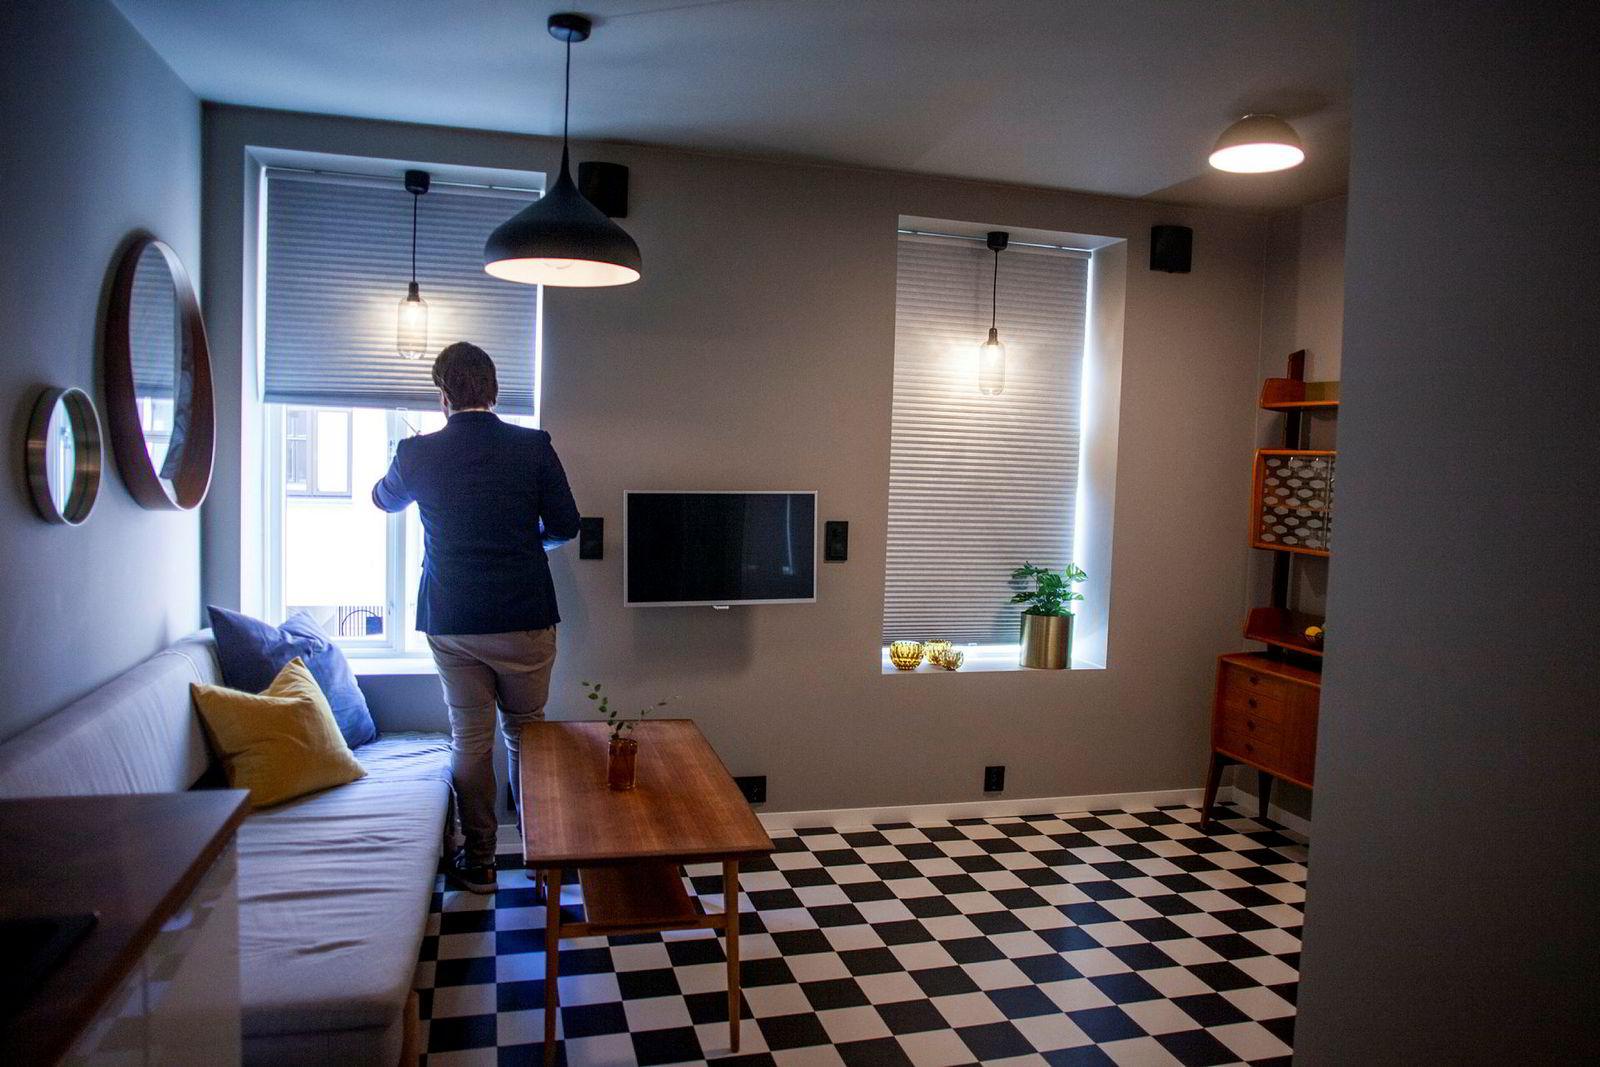 Små leiligheter går raskere enn større leiligheter, sier eiendomsmegler Haakon Telle Bøe.